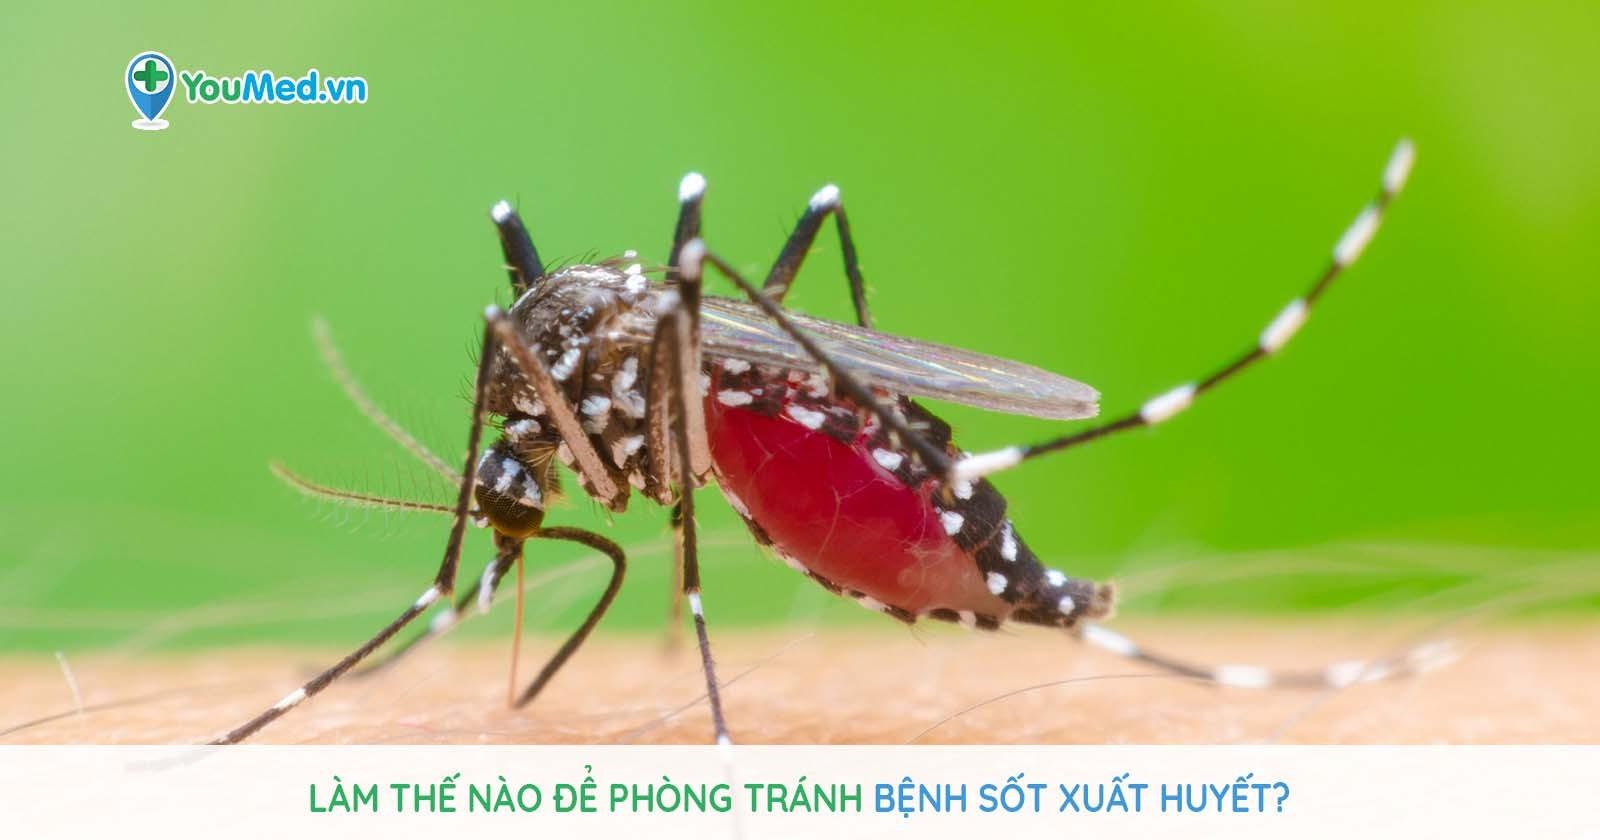 Làm thế nào để phòng tránh bệnh sốt xuất huyết